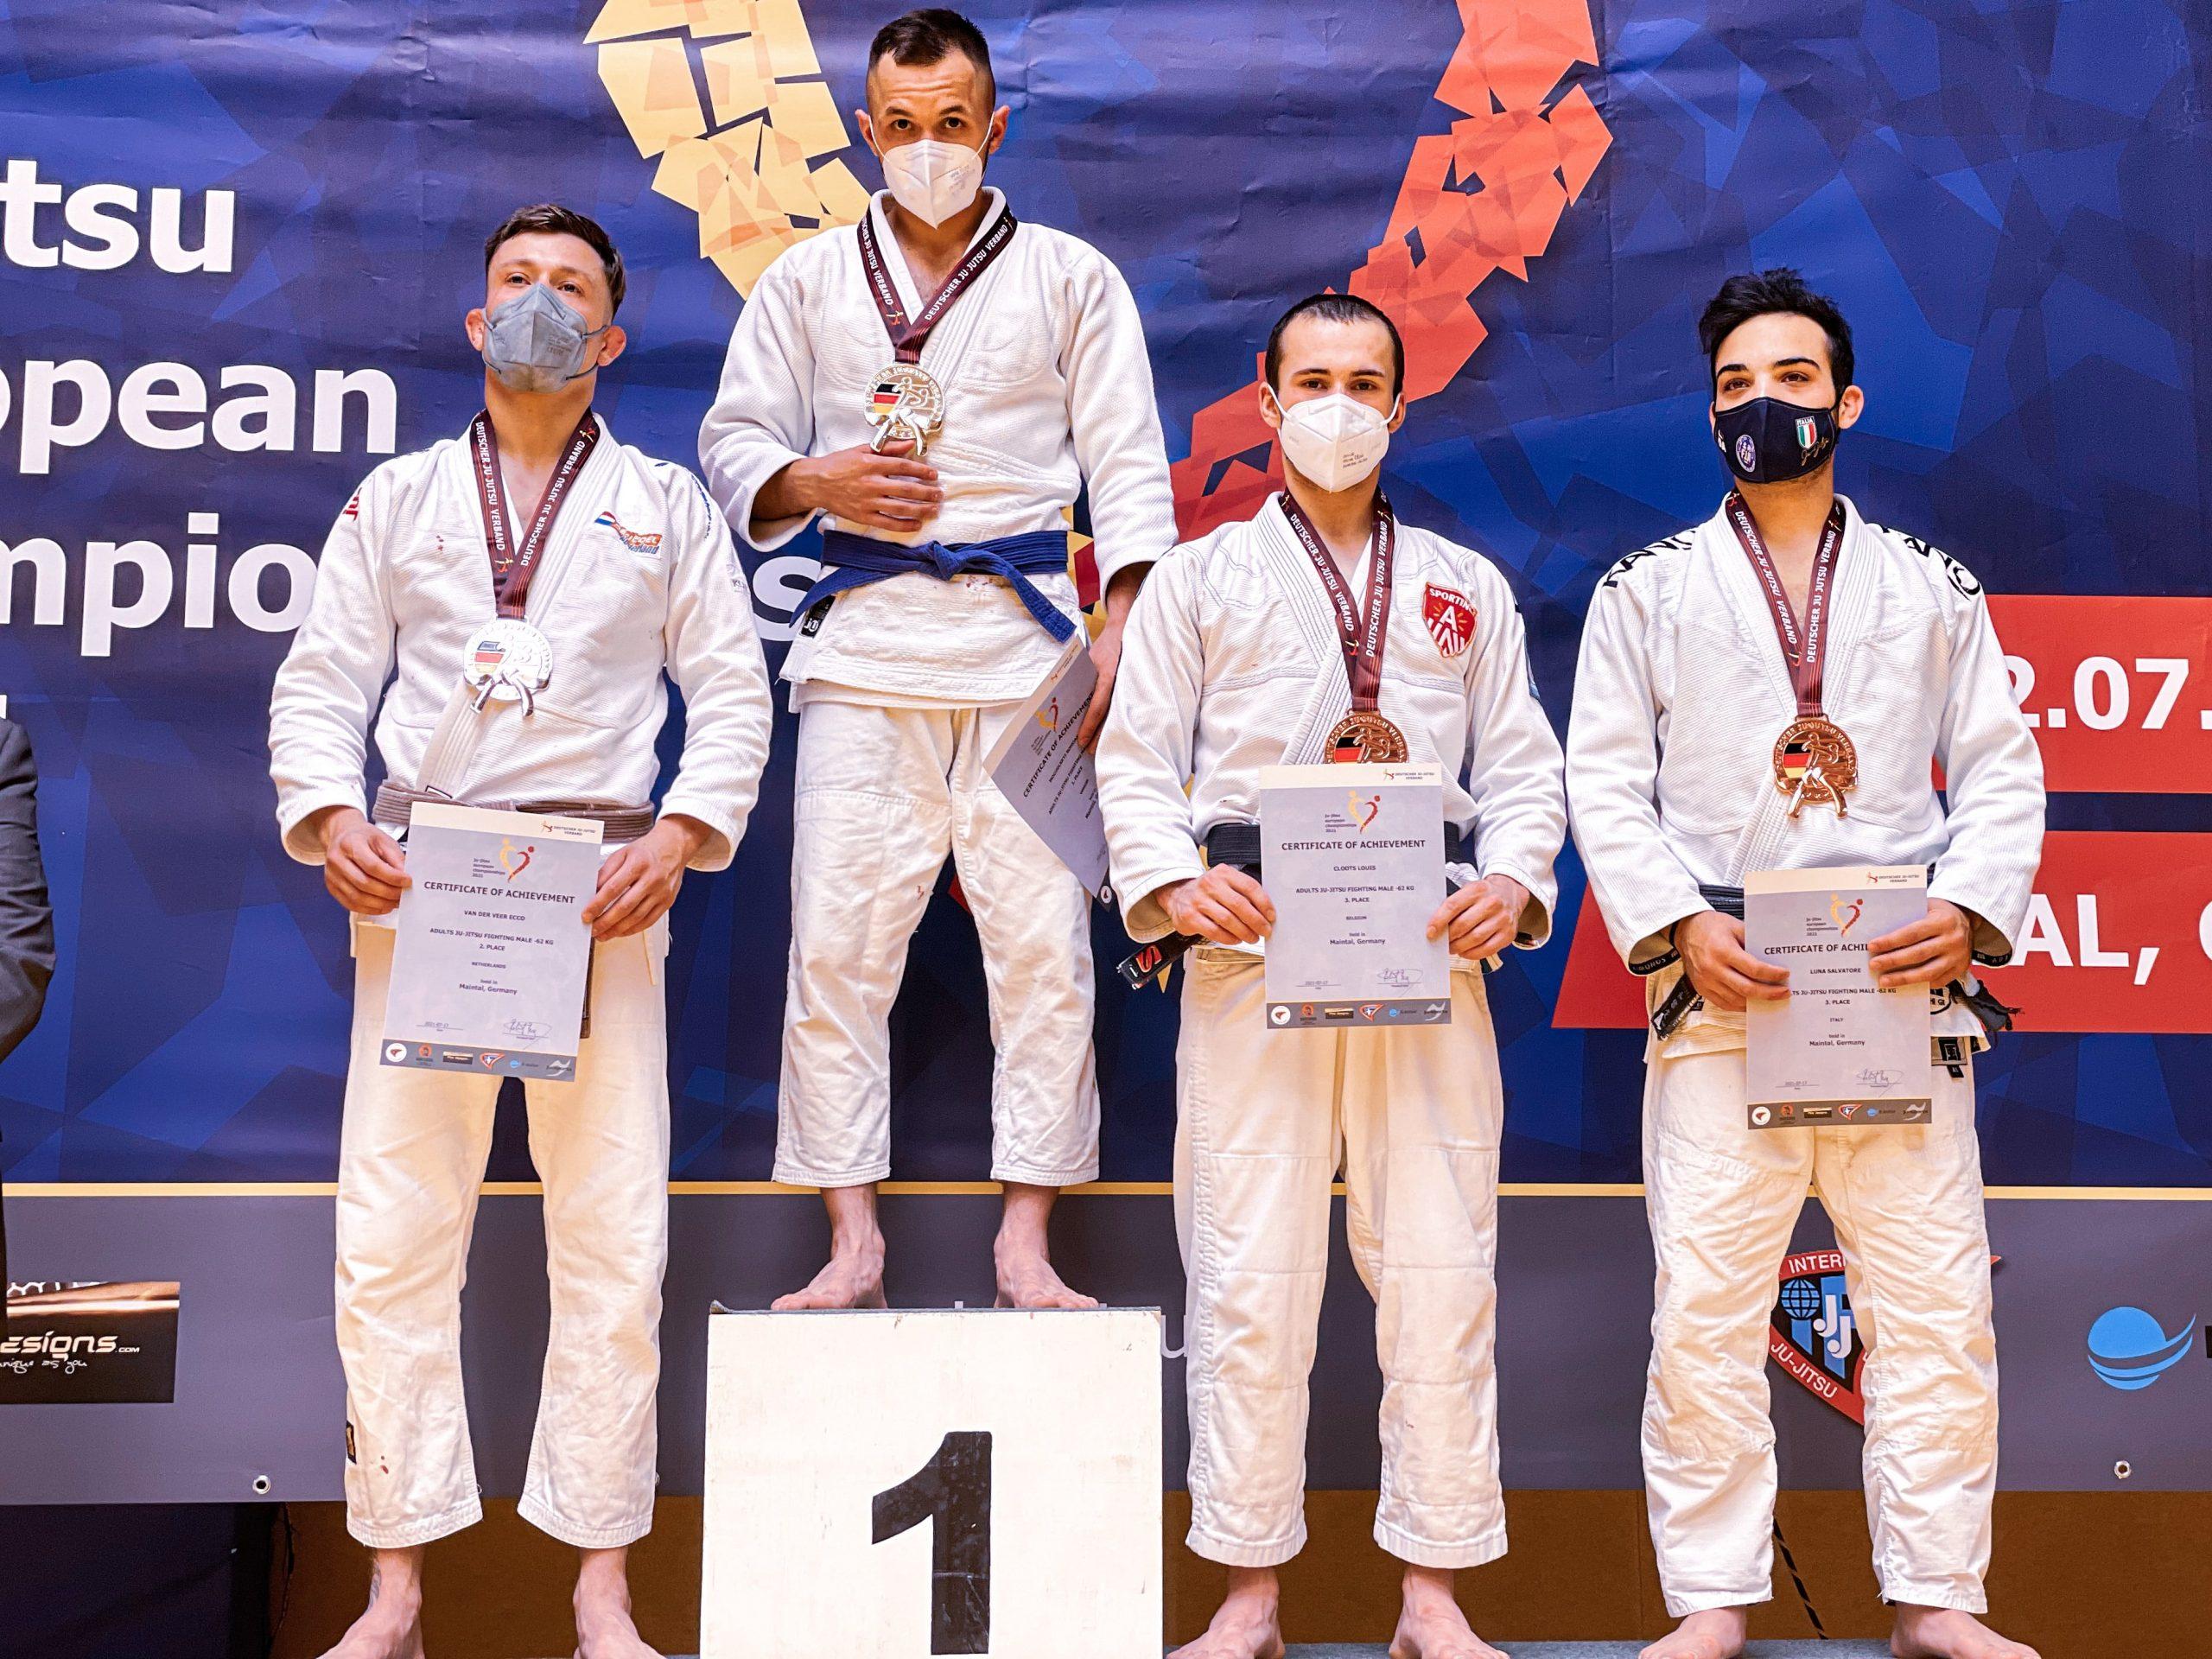 Antwerpenaar Louis Cloots pakt brons op Europees kampioenschap Ju-Jitsu